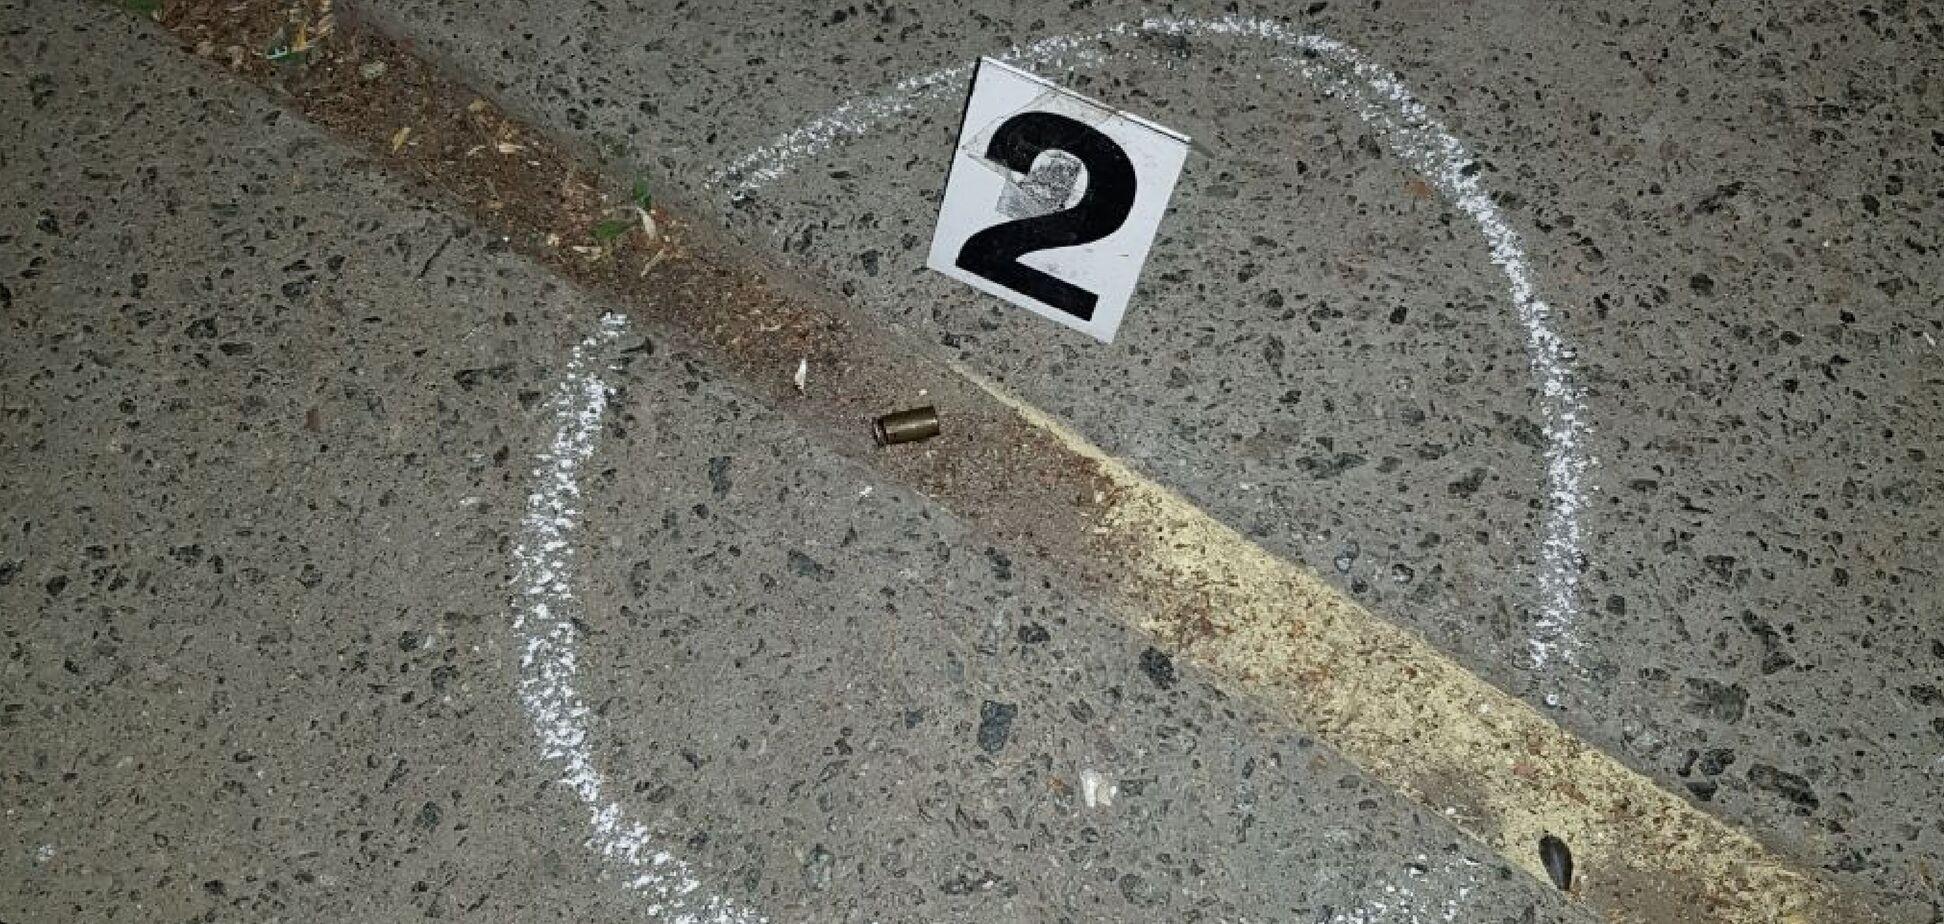 У Києві розстріляли хлопця: з'явилися нові подробиці і фото з місця трагедії